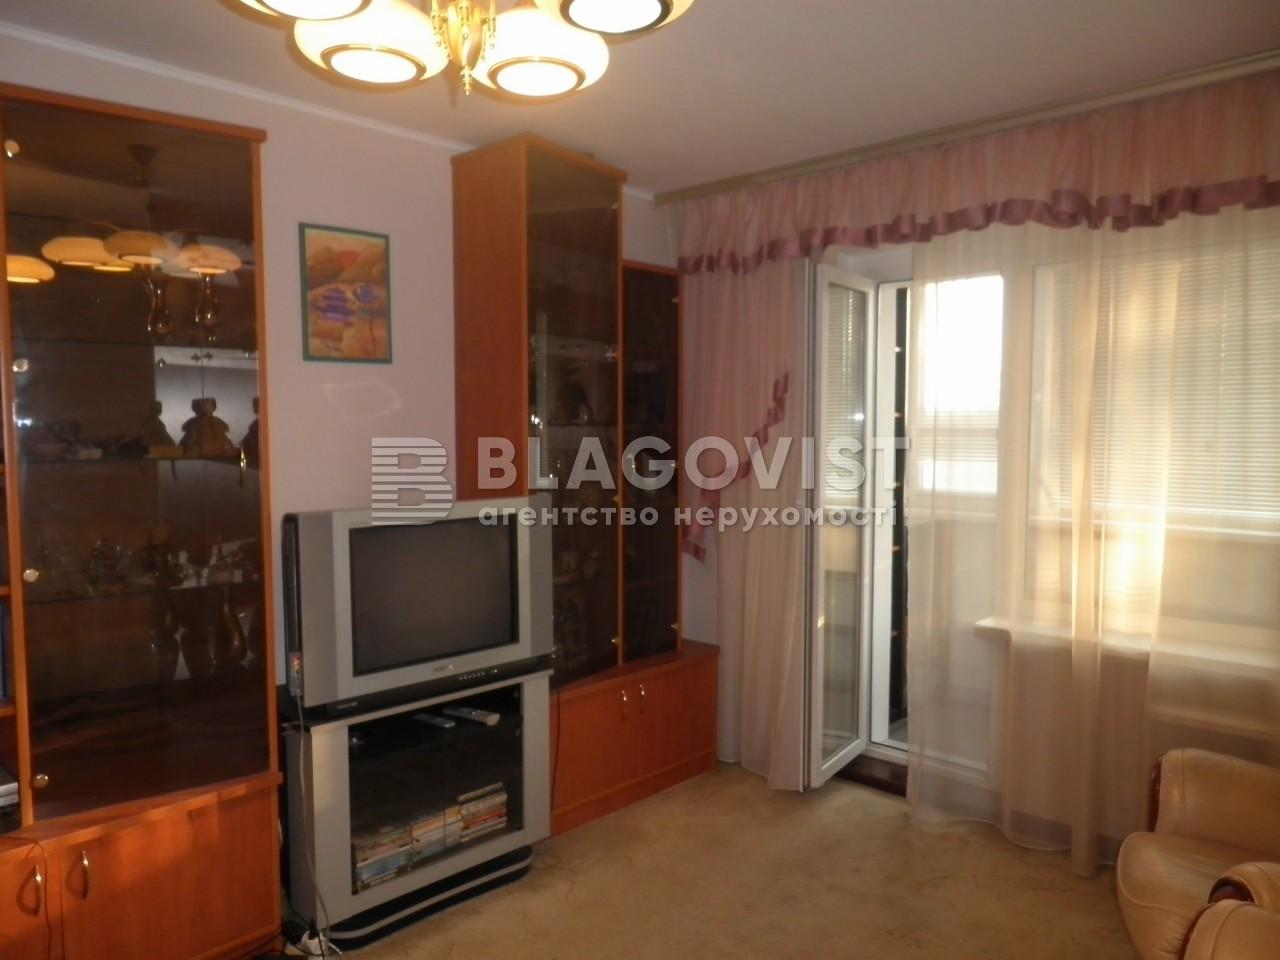 Квартира F-38132, Чернобыльская, 12, Киев - Фото 6